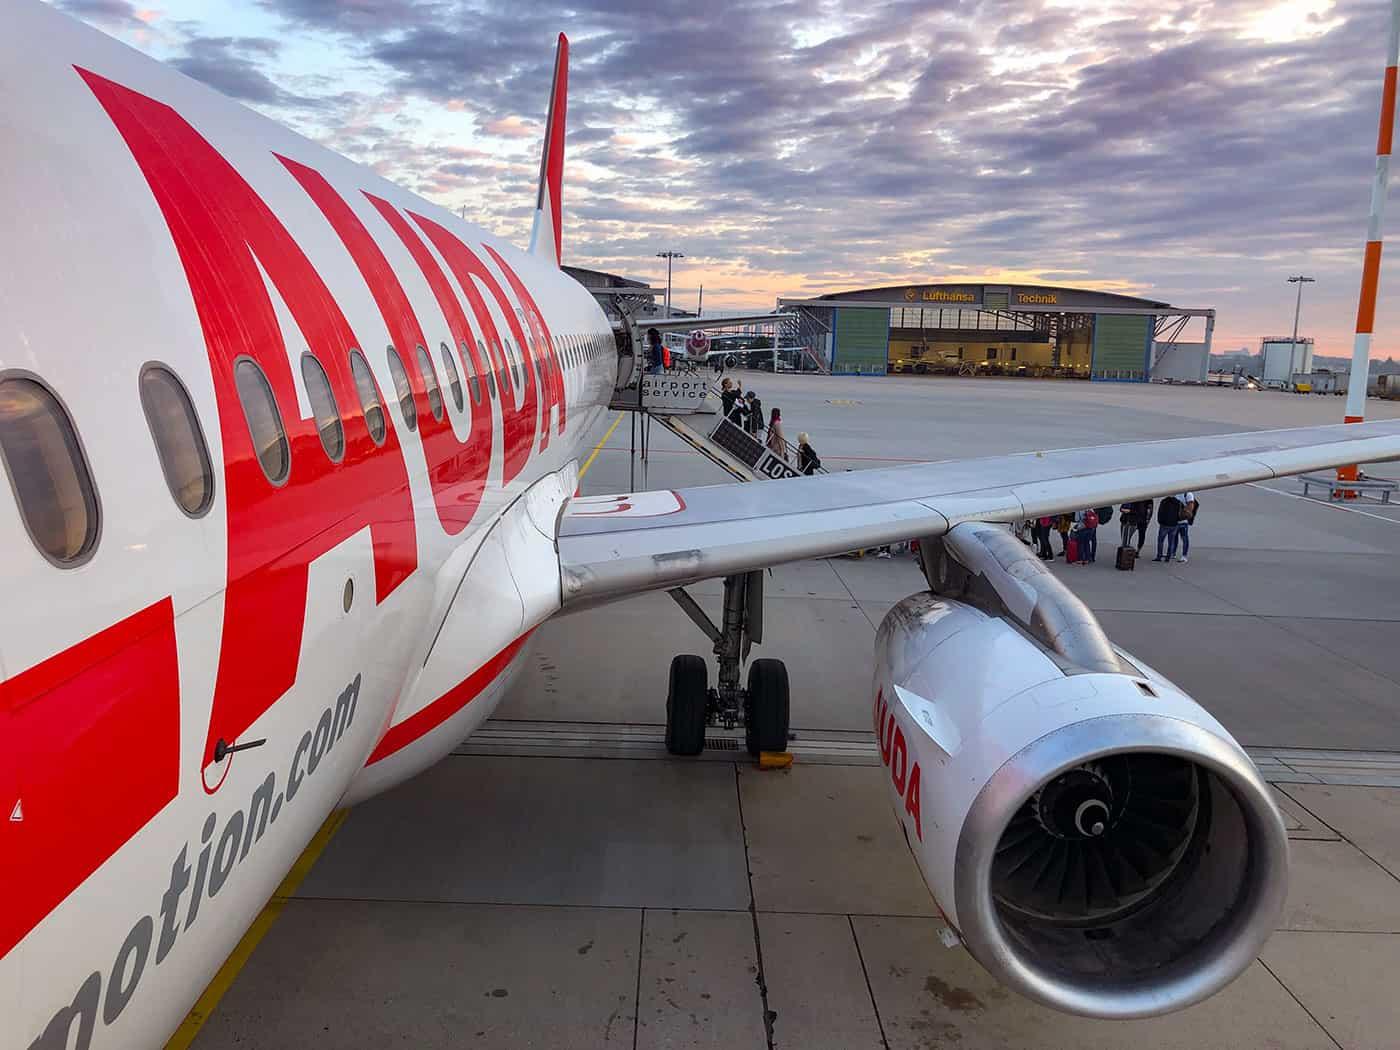 Lauda Plane Airport Stuttgart